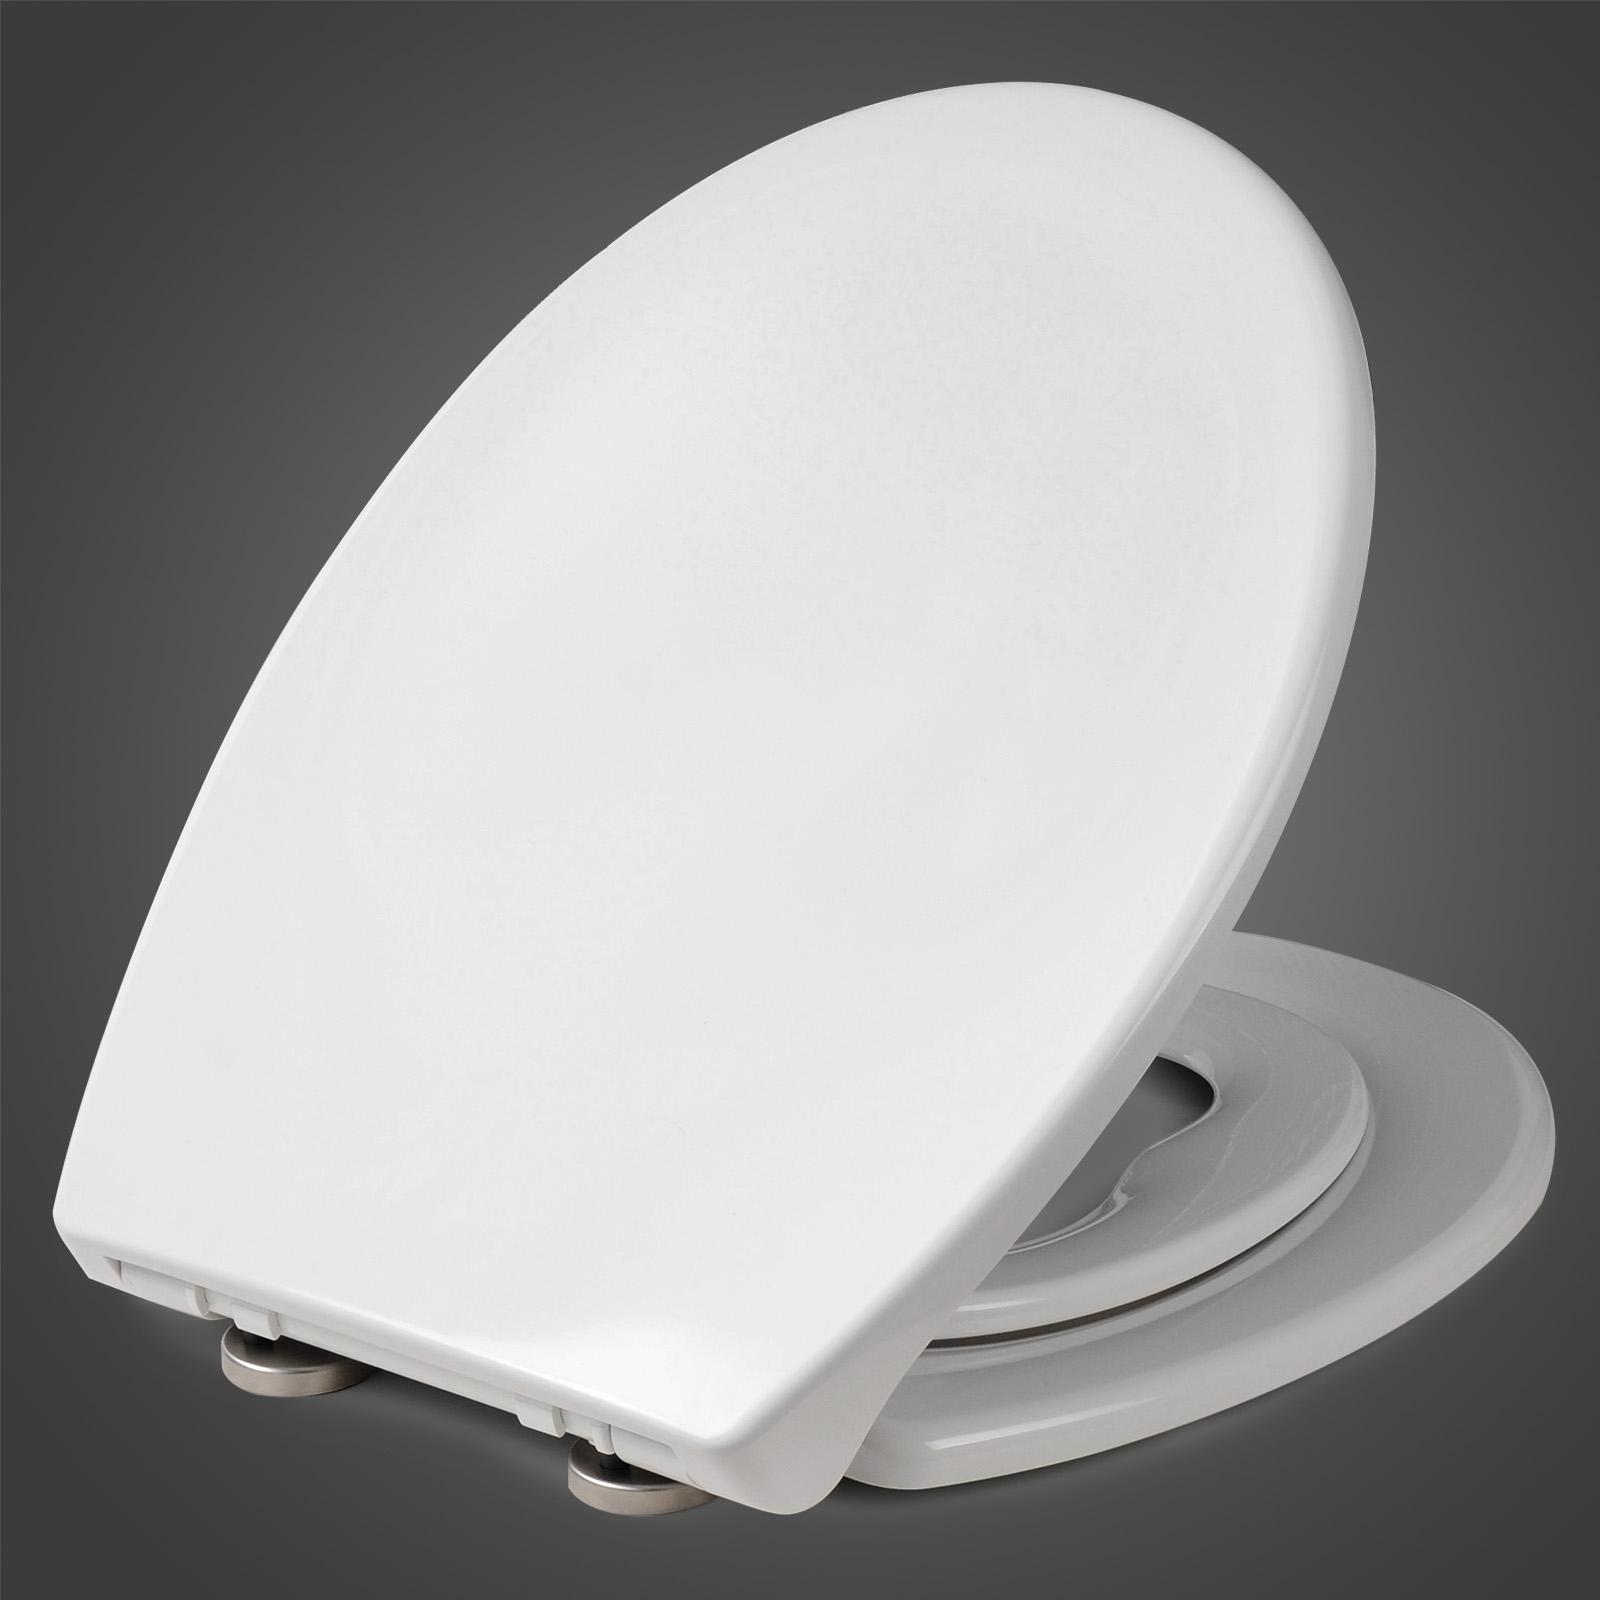 toilettensitz wc sitz deckel duroplast toilettendeckel mit kindersitz ws2720 ebay. Black Bedroom Furniture Sets. Home Design Ideas